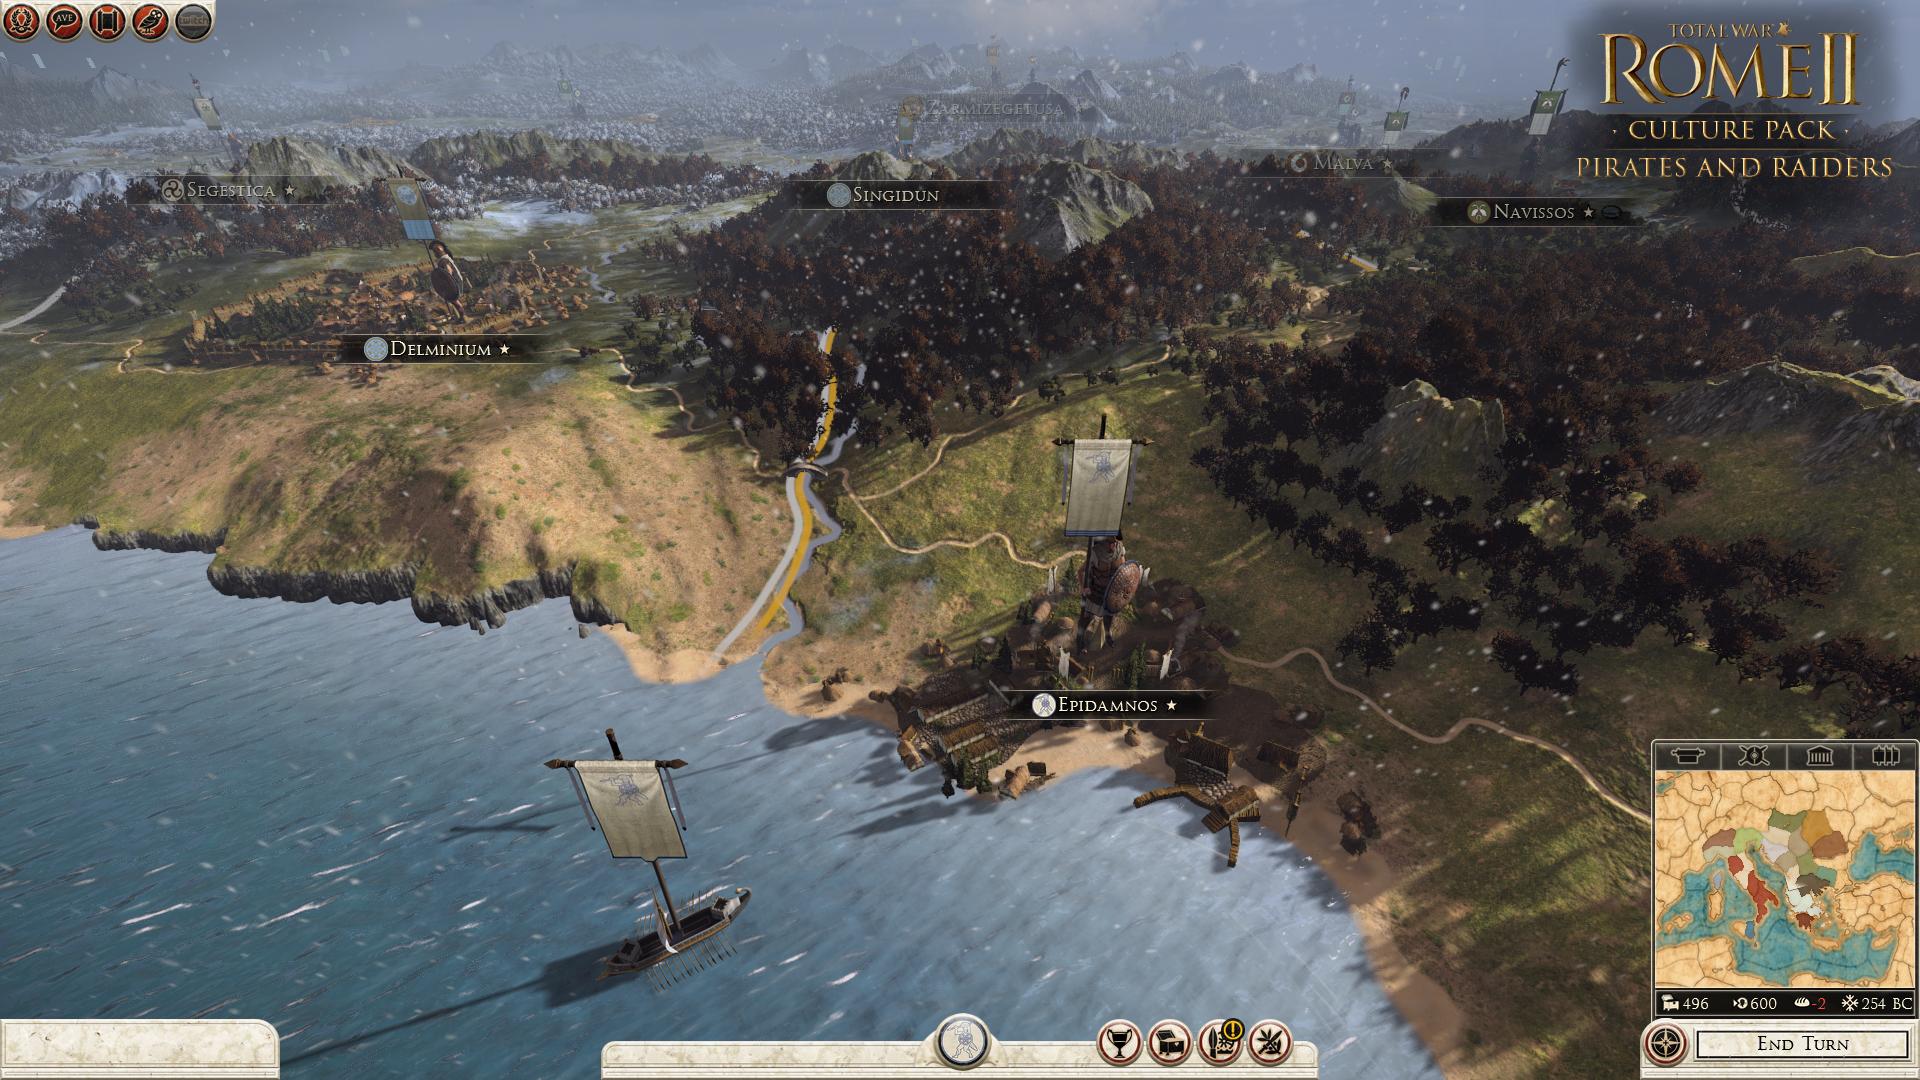 Piráti a nájezdníci se přiřítili do Total War: Rome 2 97116